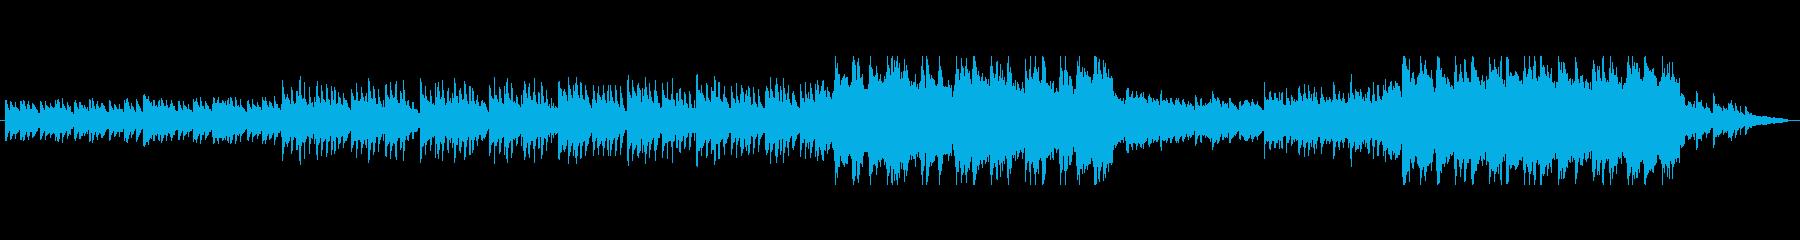 エモーショナルで洗練されたピアノトラックの再生済みの波形